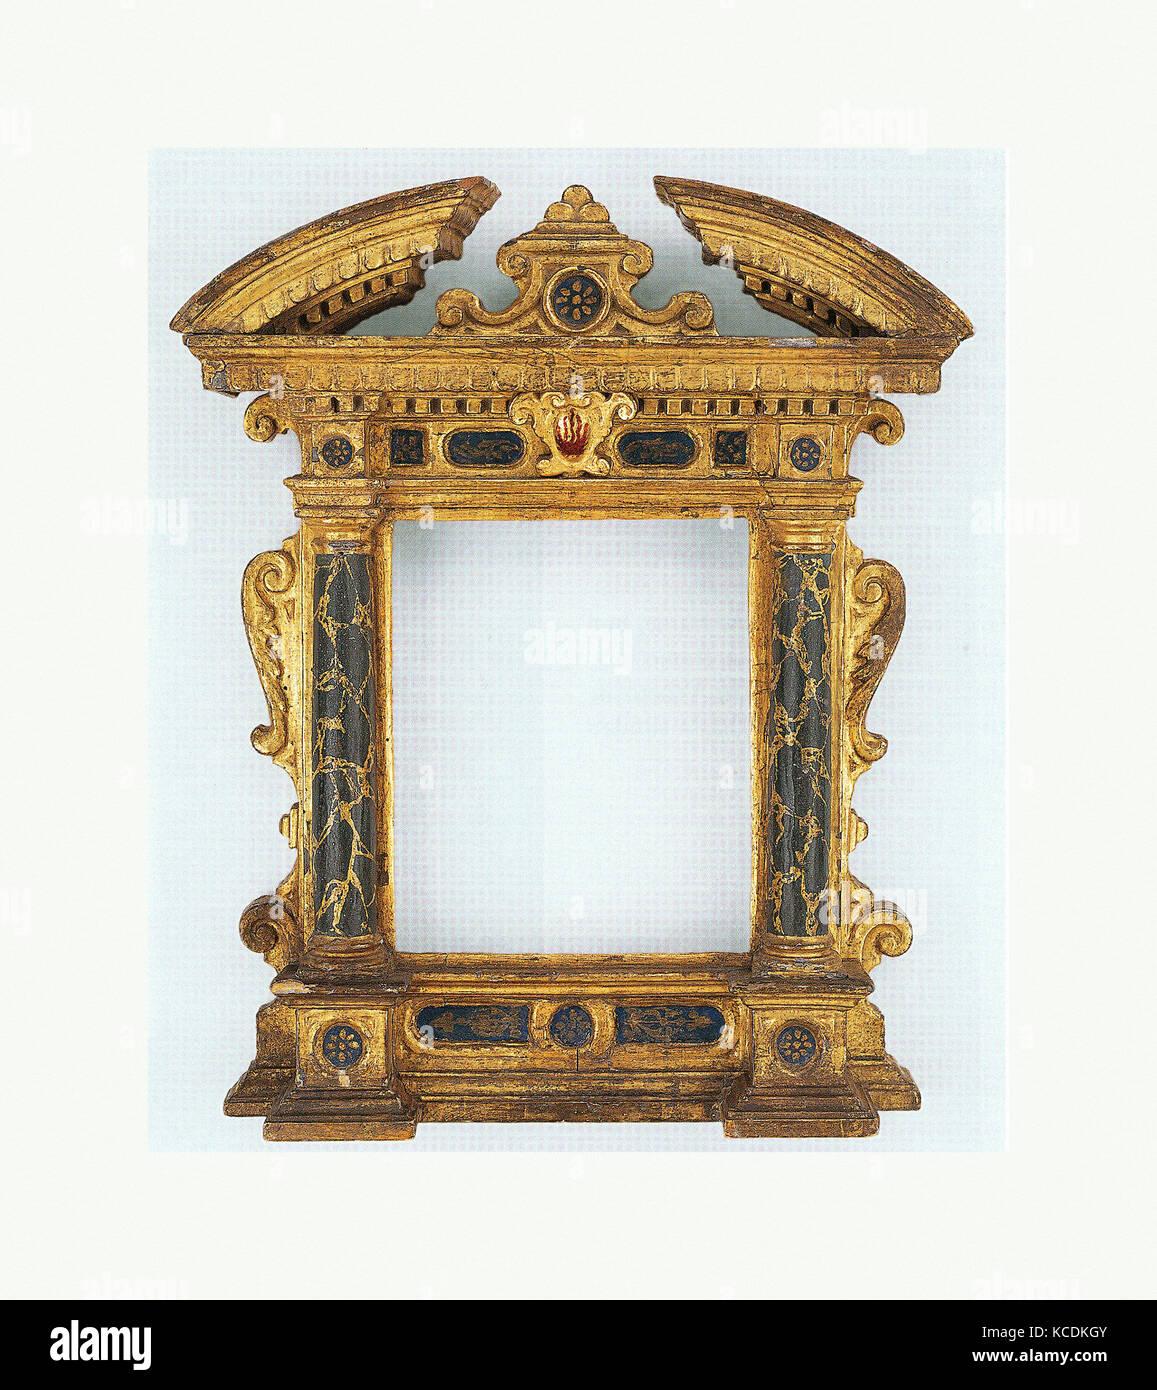 Wohnung Rahmen, Anfang des 17. Jahrhunderts, Italienisch, Märsche ...